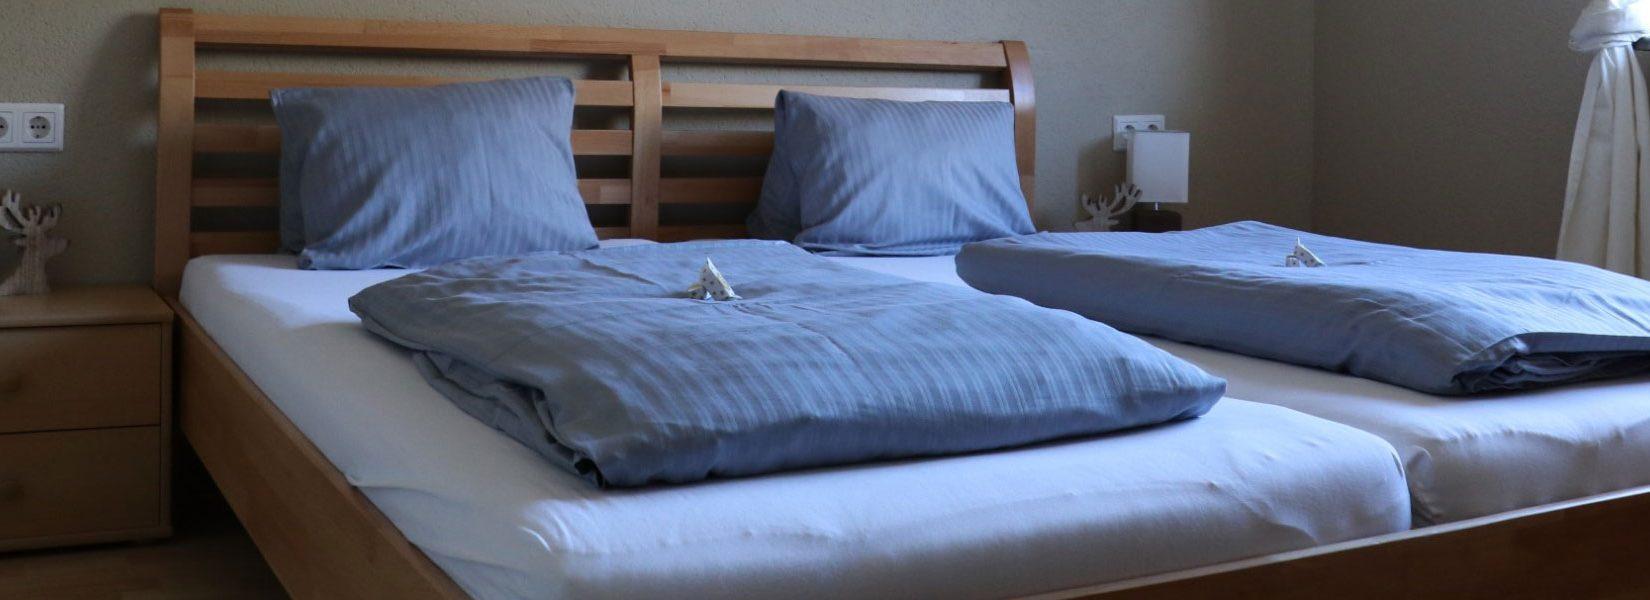 Apartment DrachenSee (bis 4 personen)